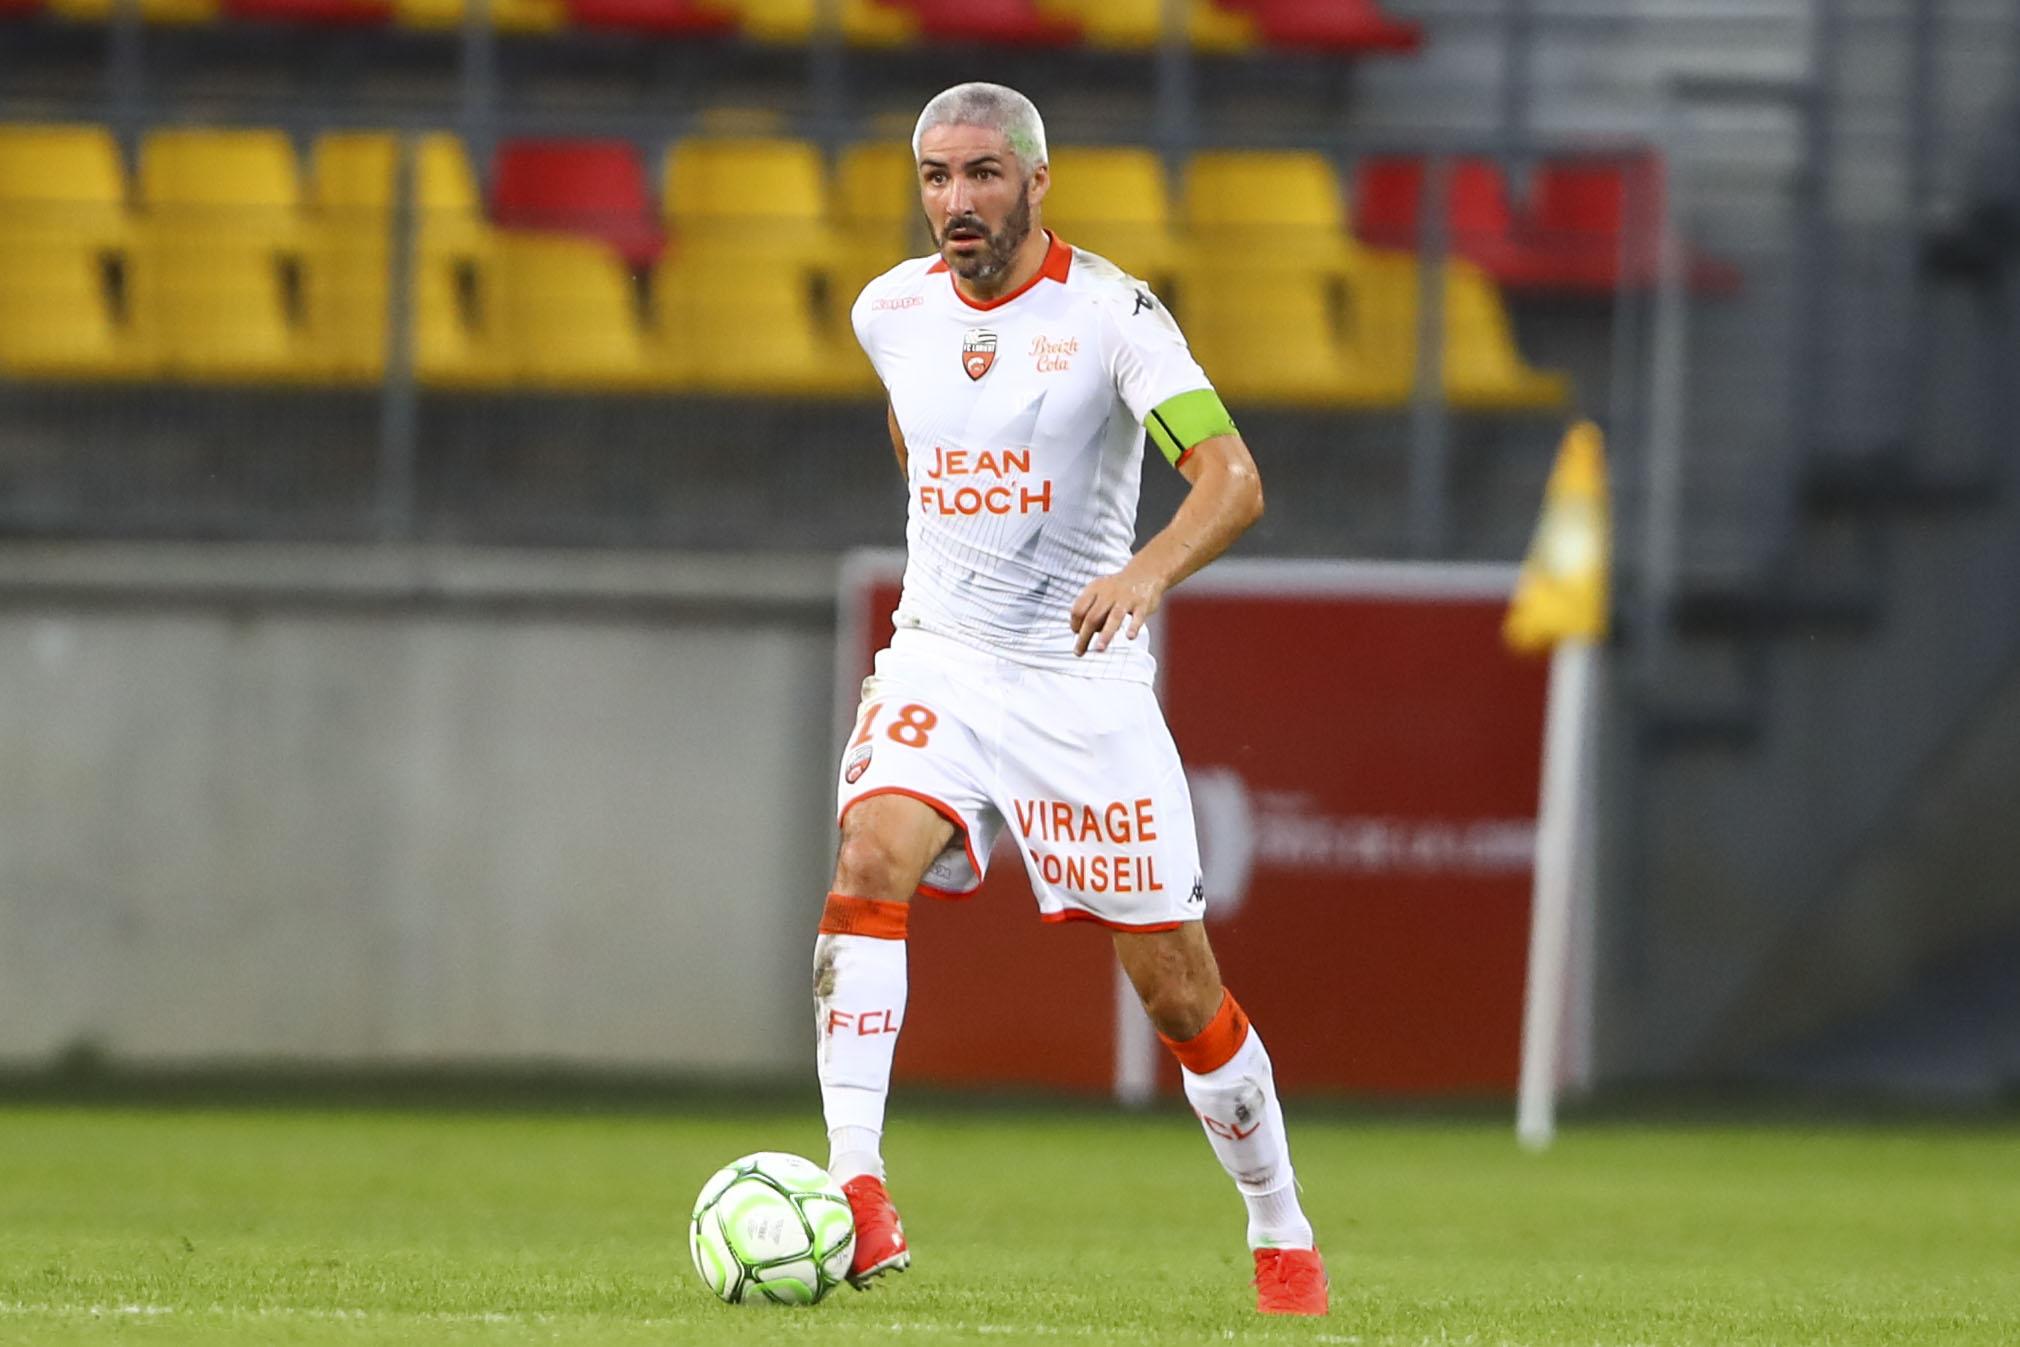 Football - Ligue 2 - Ligue 2: Clermont-Lorient en direct